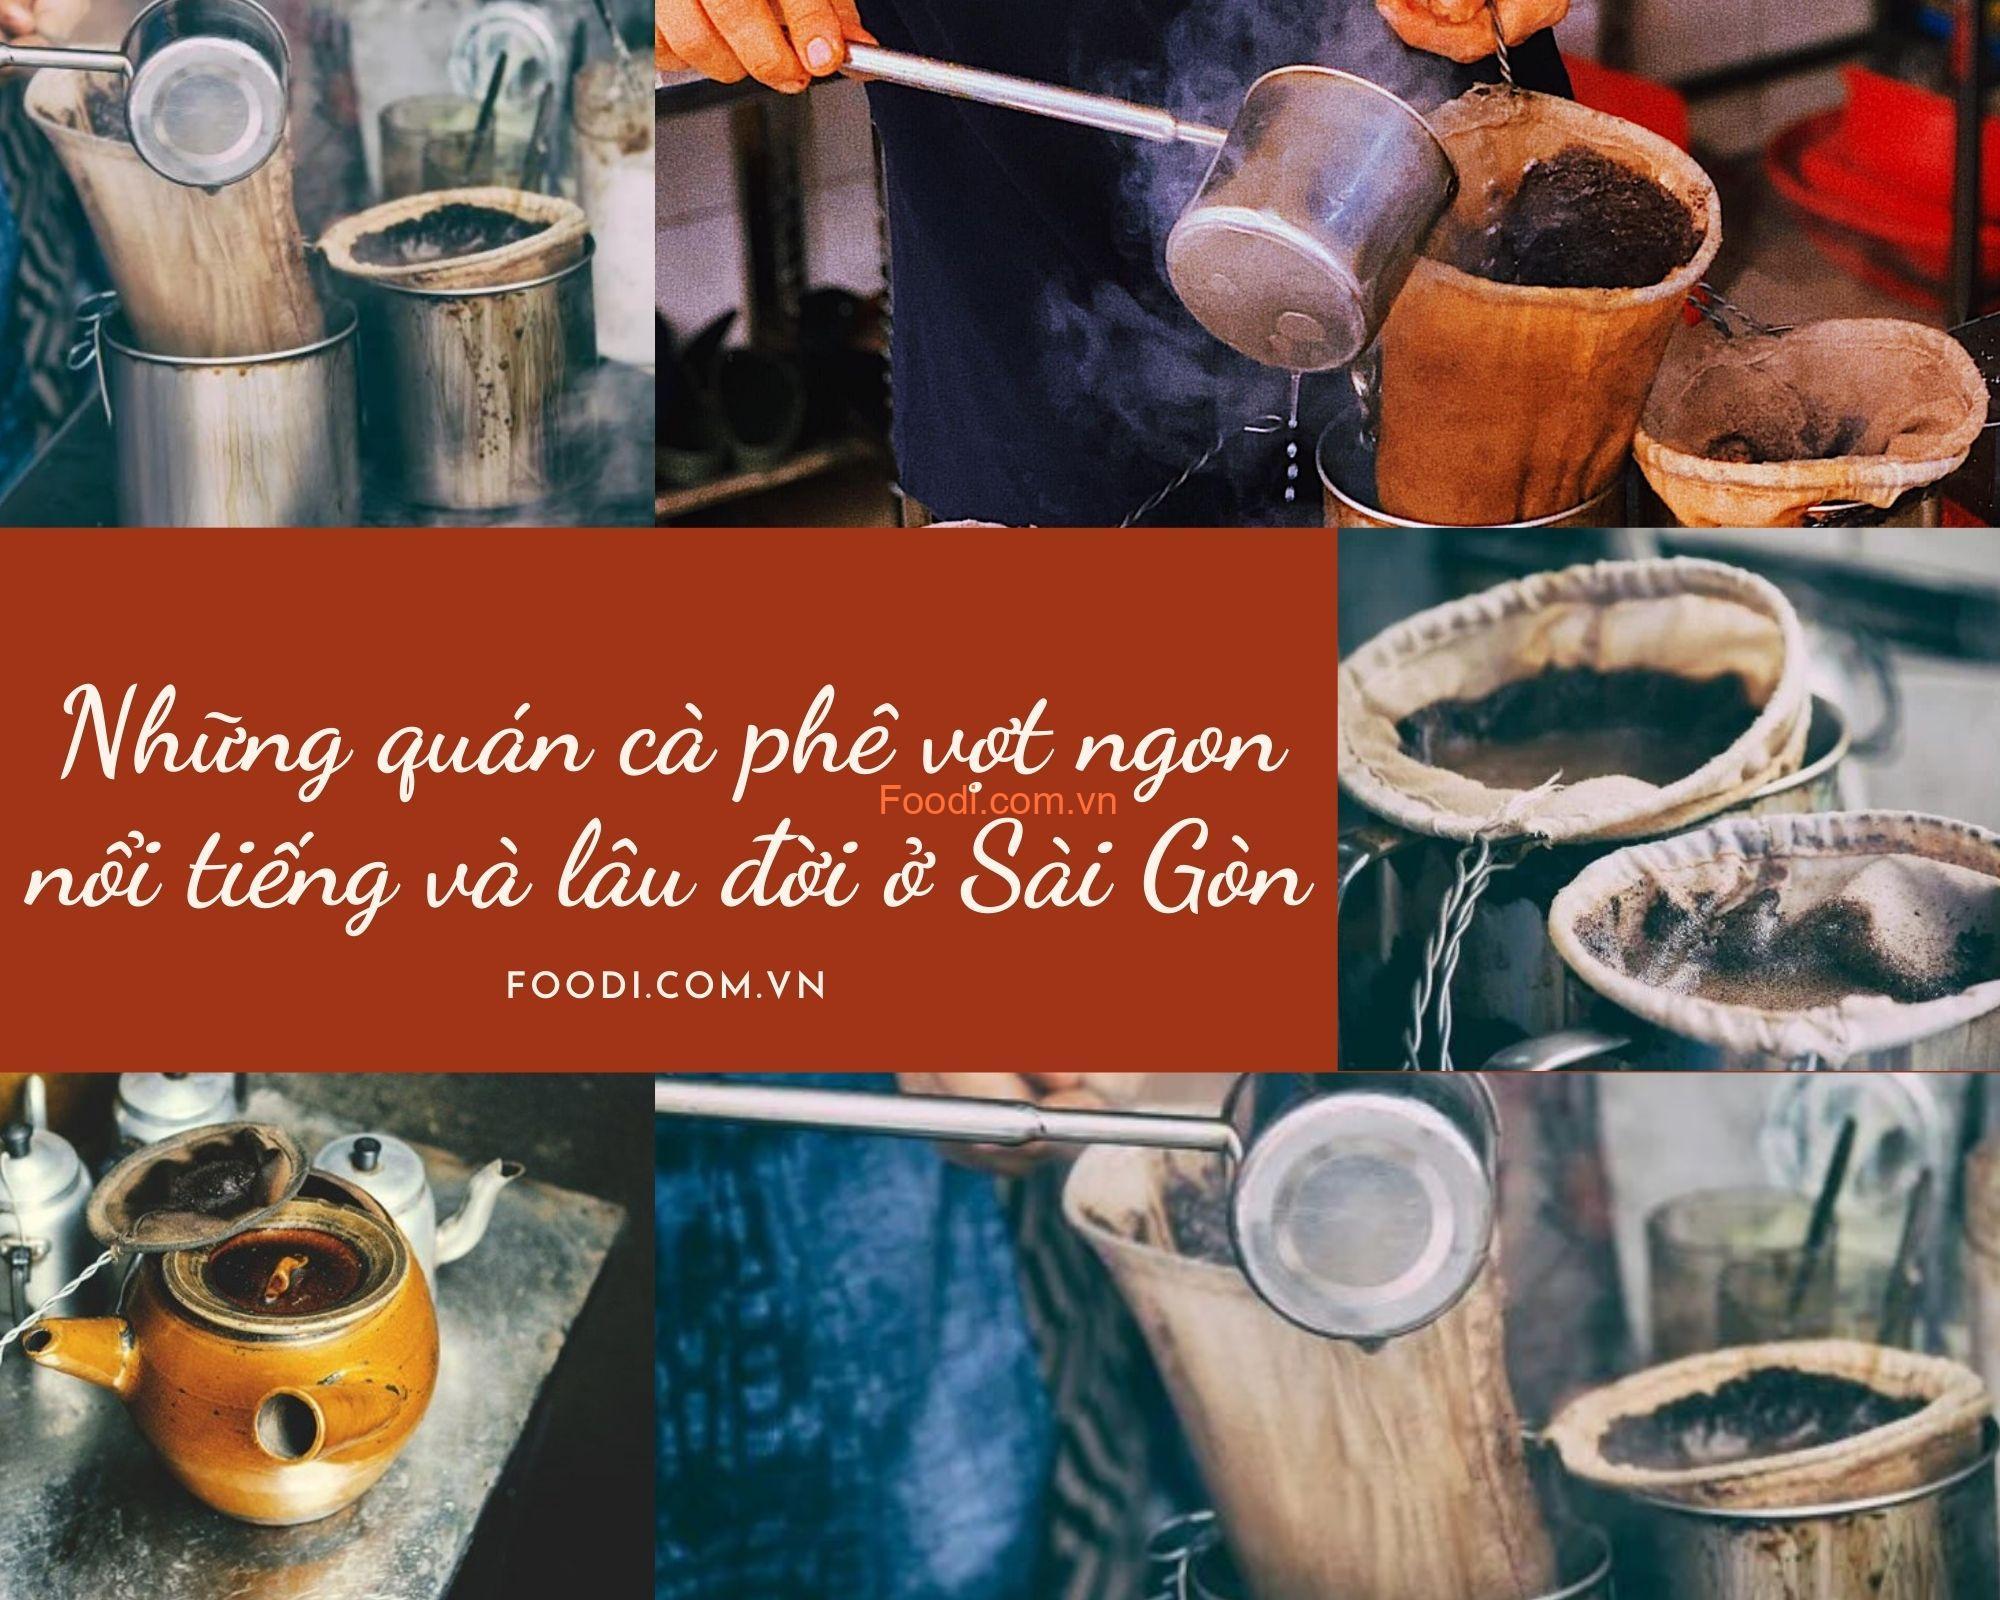 Những quán cà phê vợt ngon nổi tiếng và lâu đời nhất ở Sài Gòn TPHCM